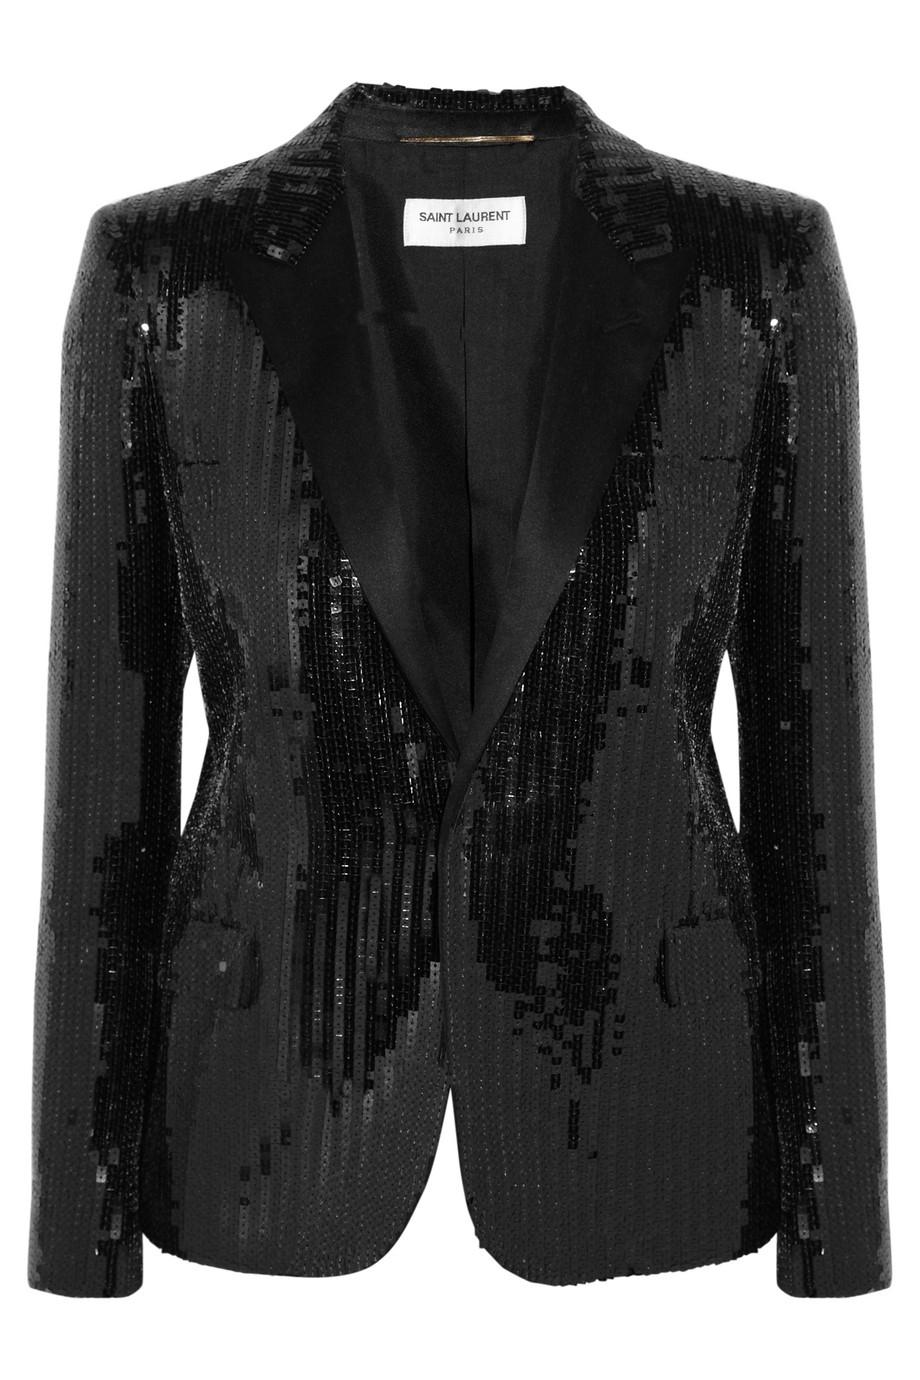 Saint Laurent Sequined Tuxedo Jacket In Black Lyst